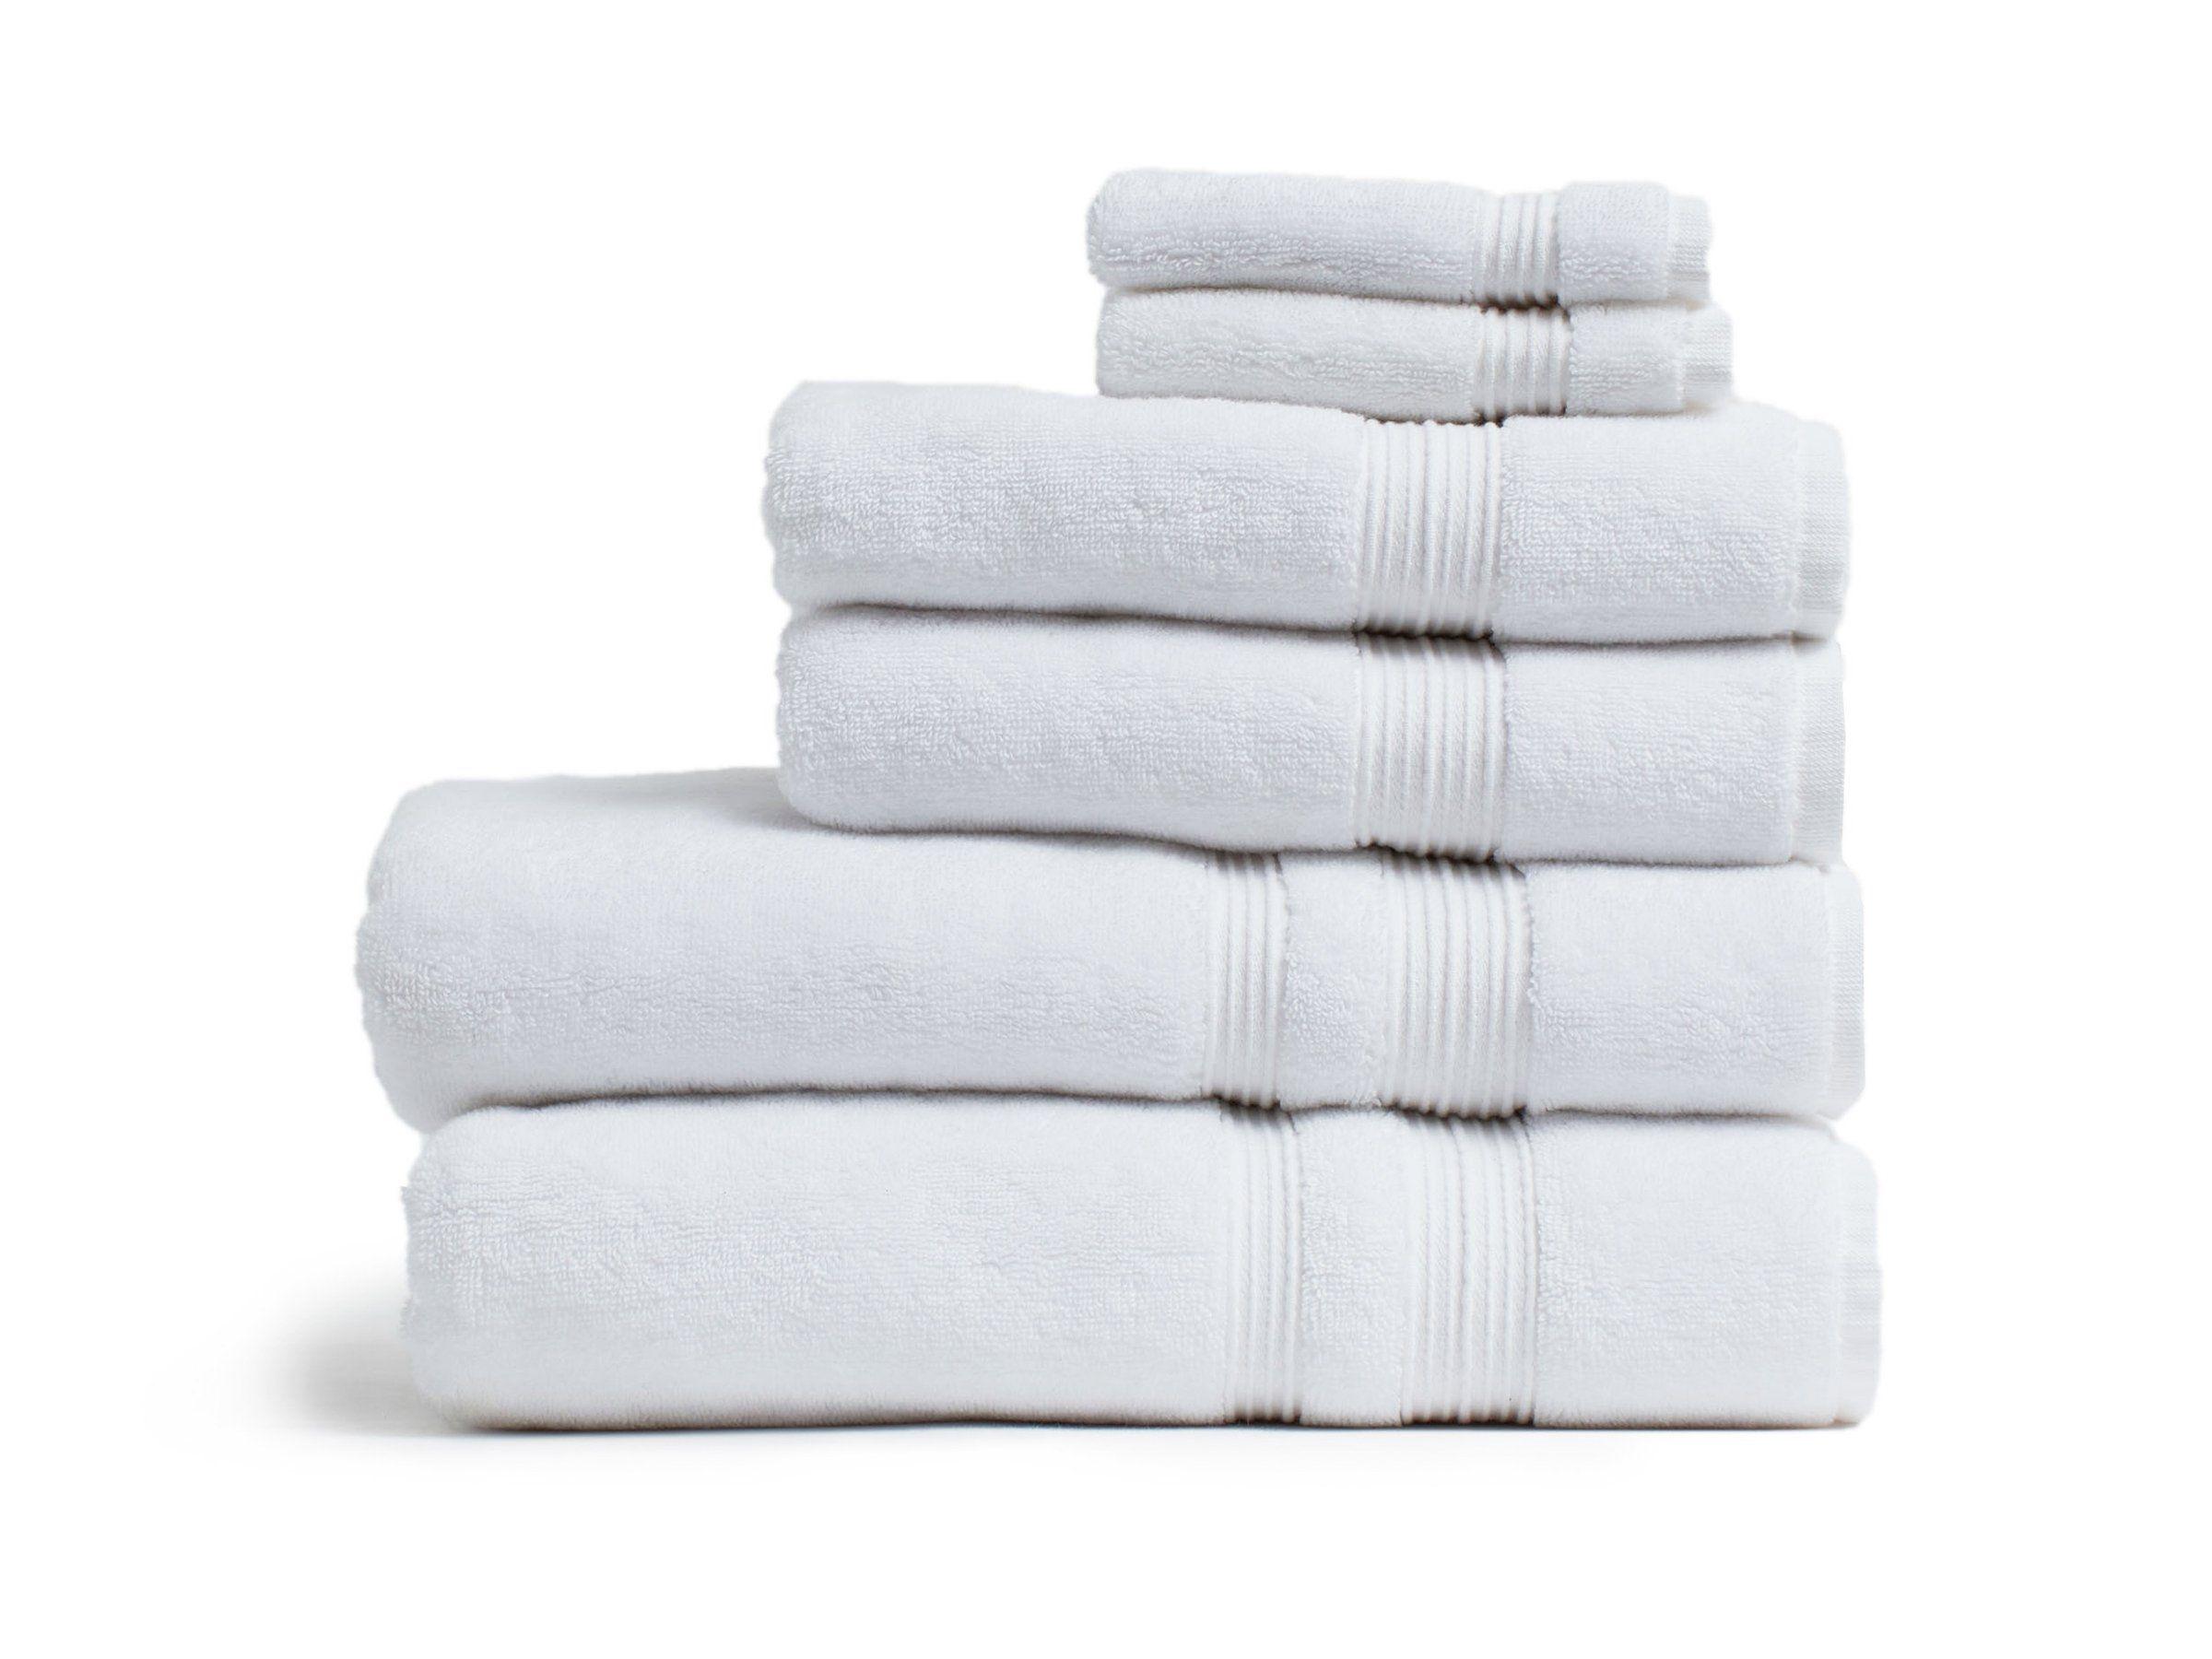 Classic Towels Classic Towels Bath Towels White Towels